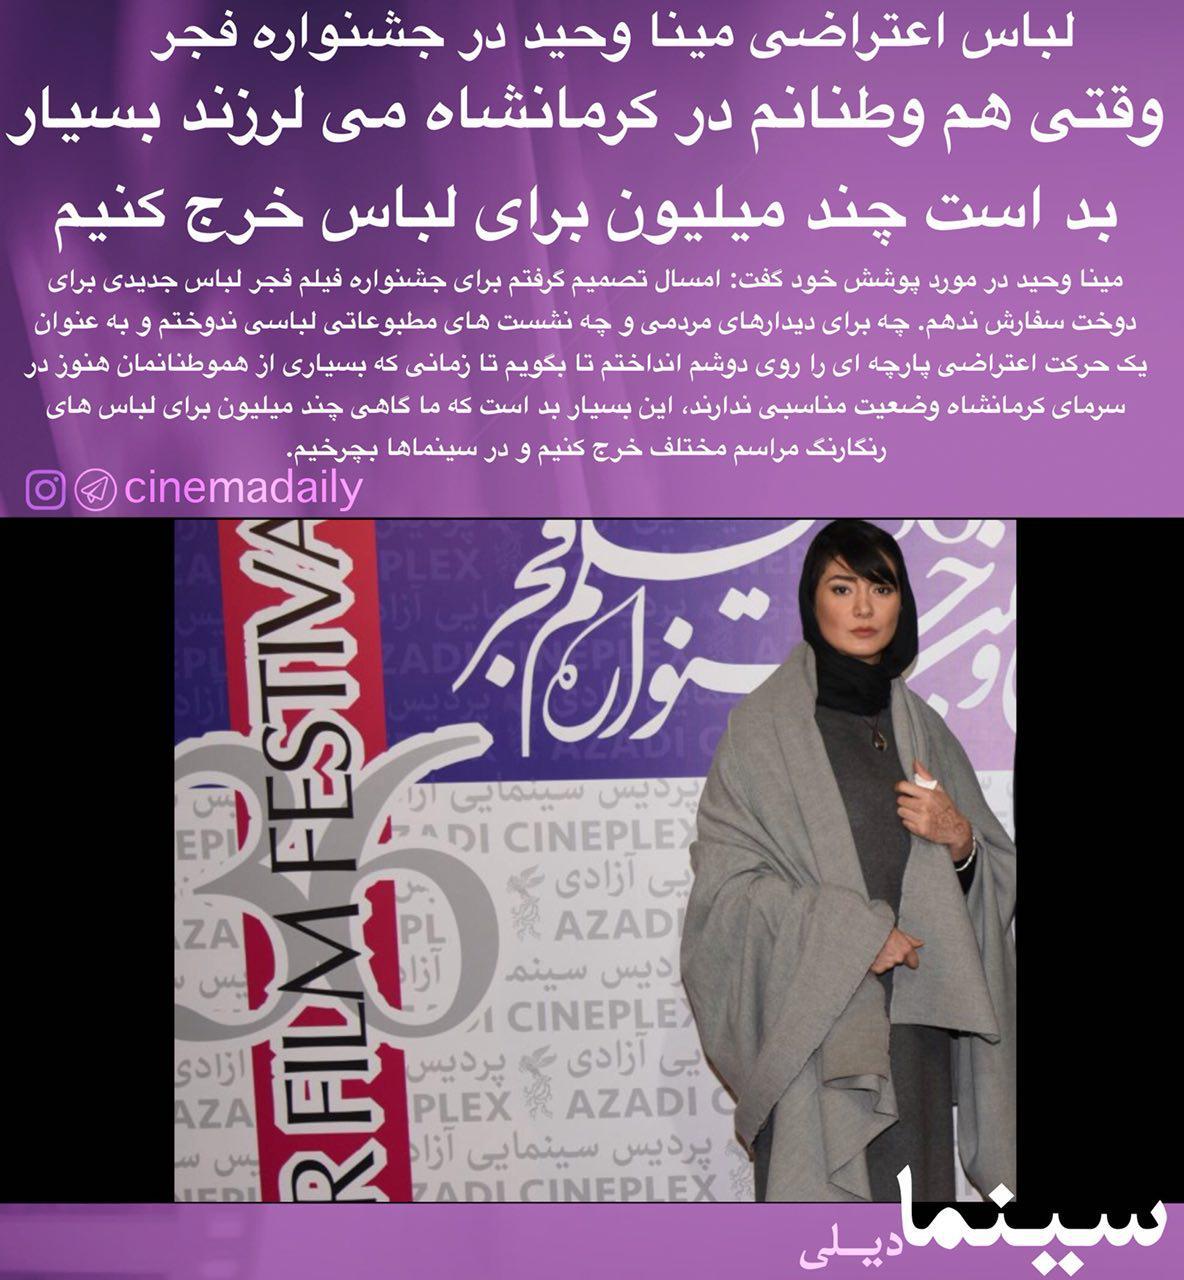 لباس اعتراضی خانم بازیگر در جشنواره فیلم فجر +عکس